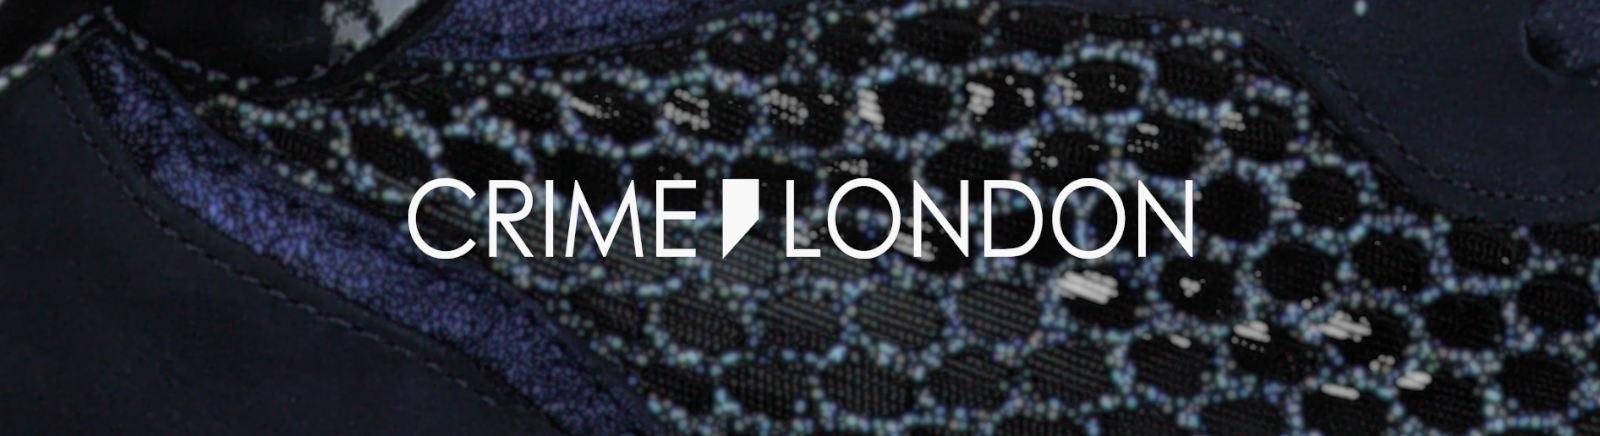 Crime London Damenschuhe online entdecken im Juppen Schuhe Shop